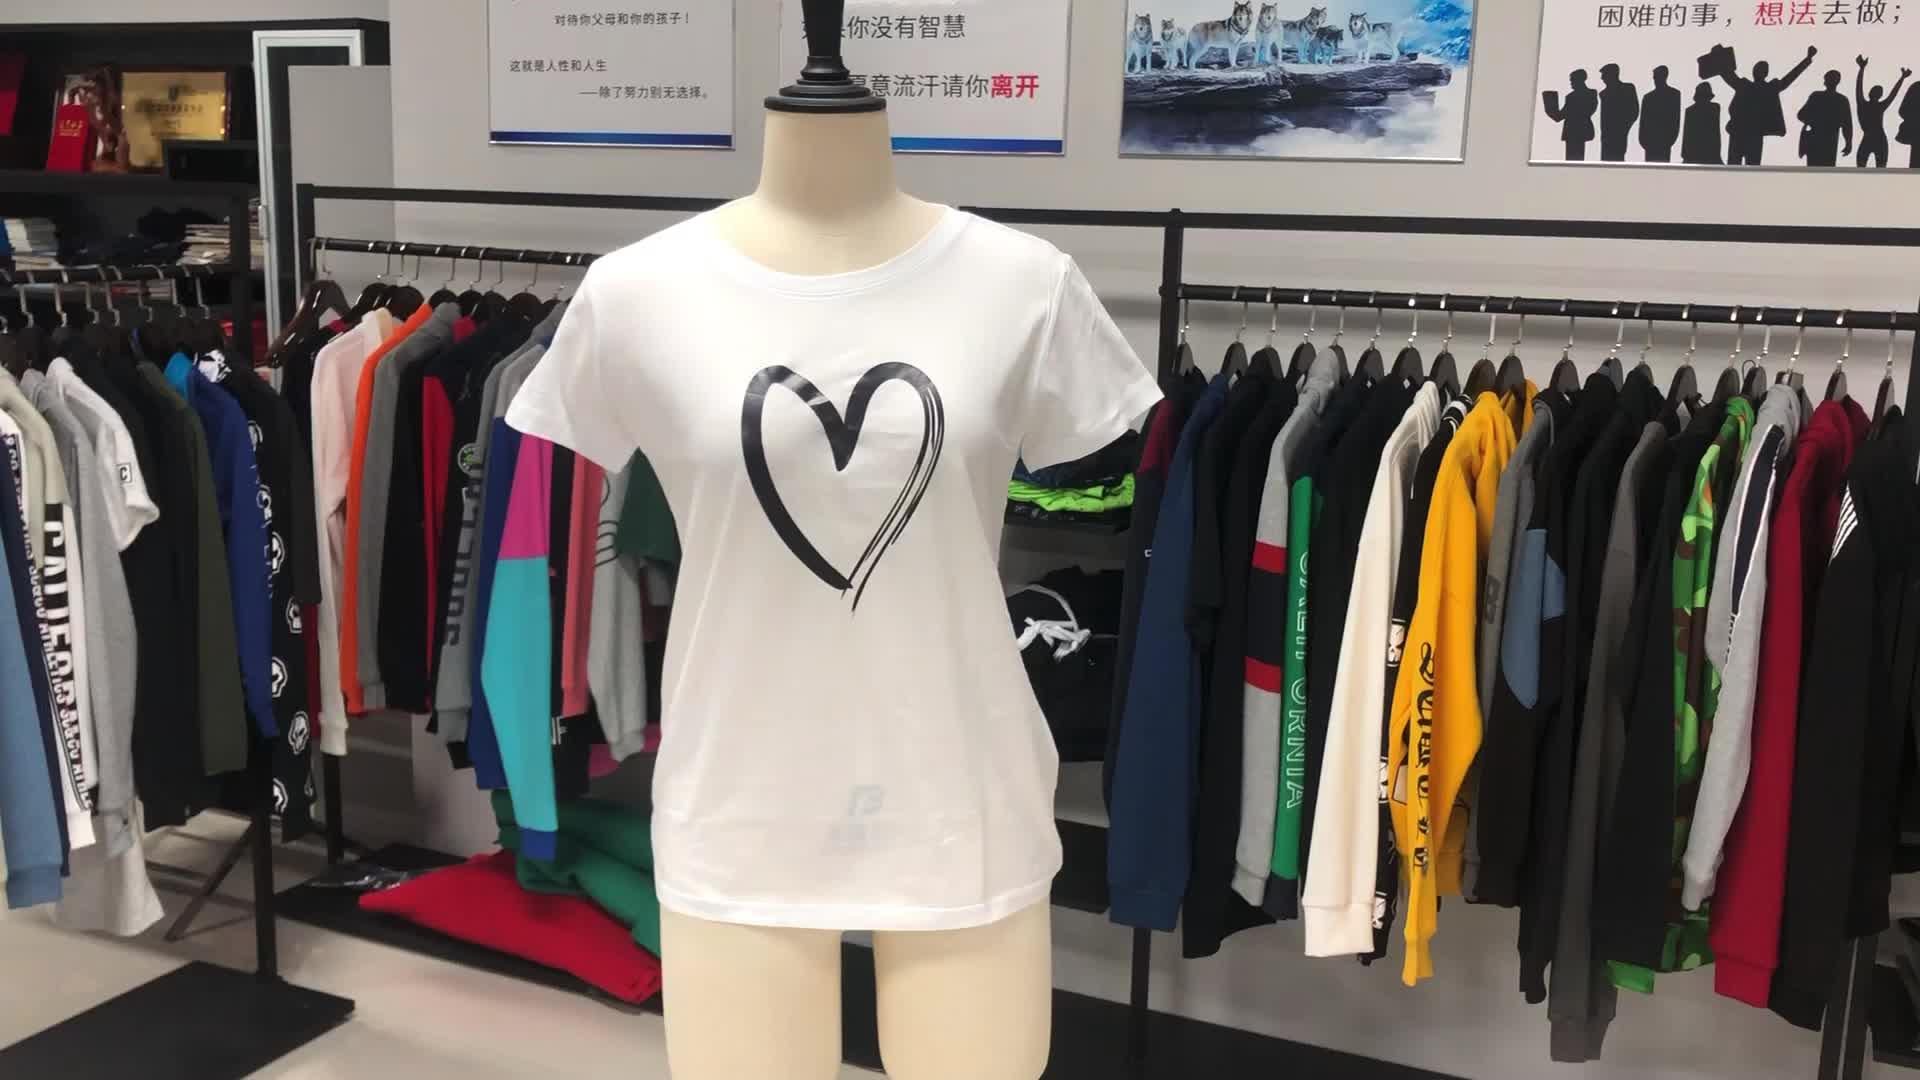 Frau druck t-shirts hohe qualität original rockets mond gedruckt t shirt cooles design zeichnung verkäufe